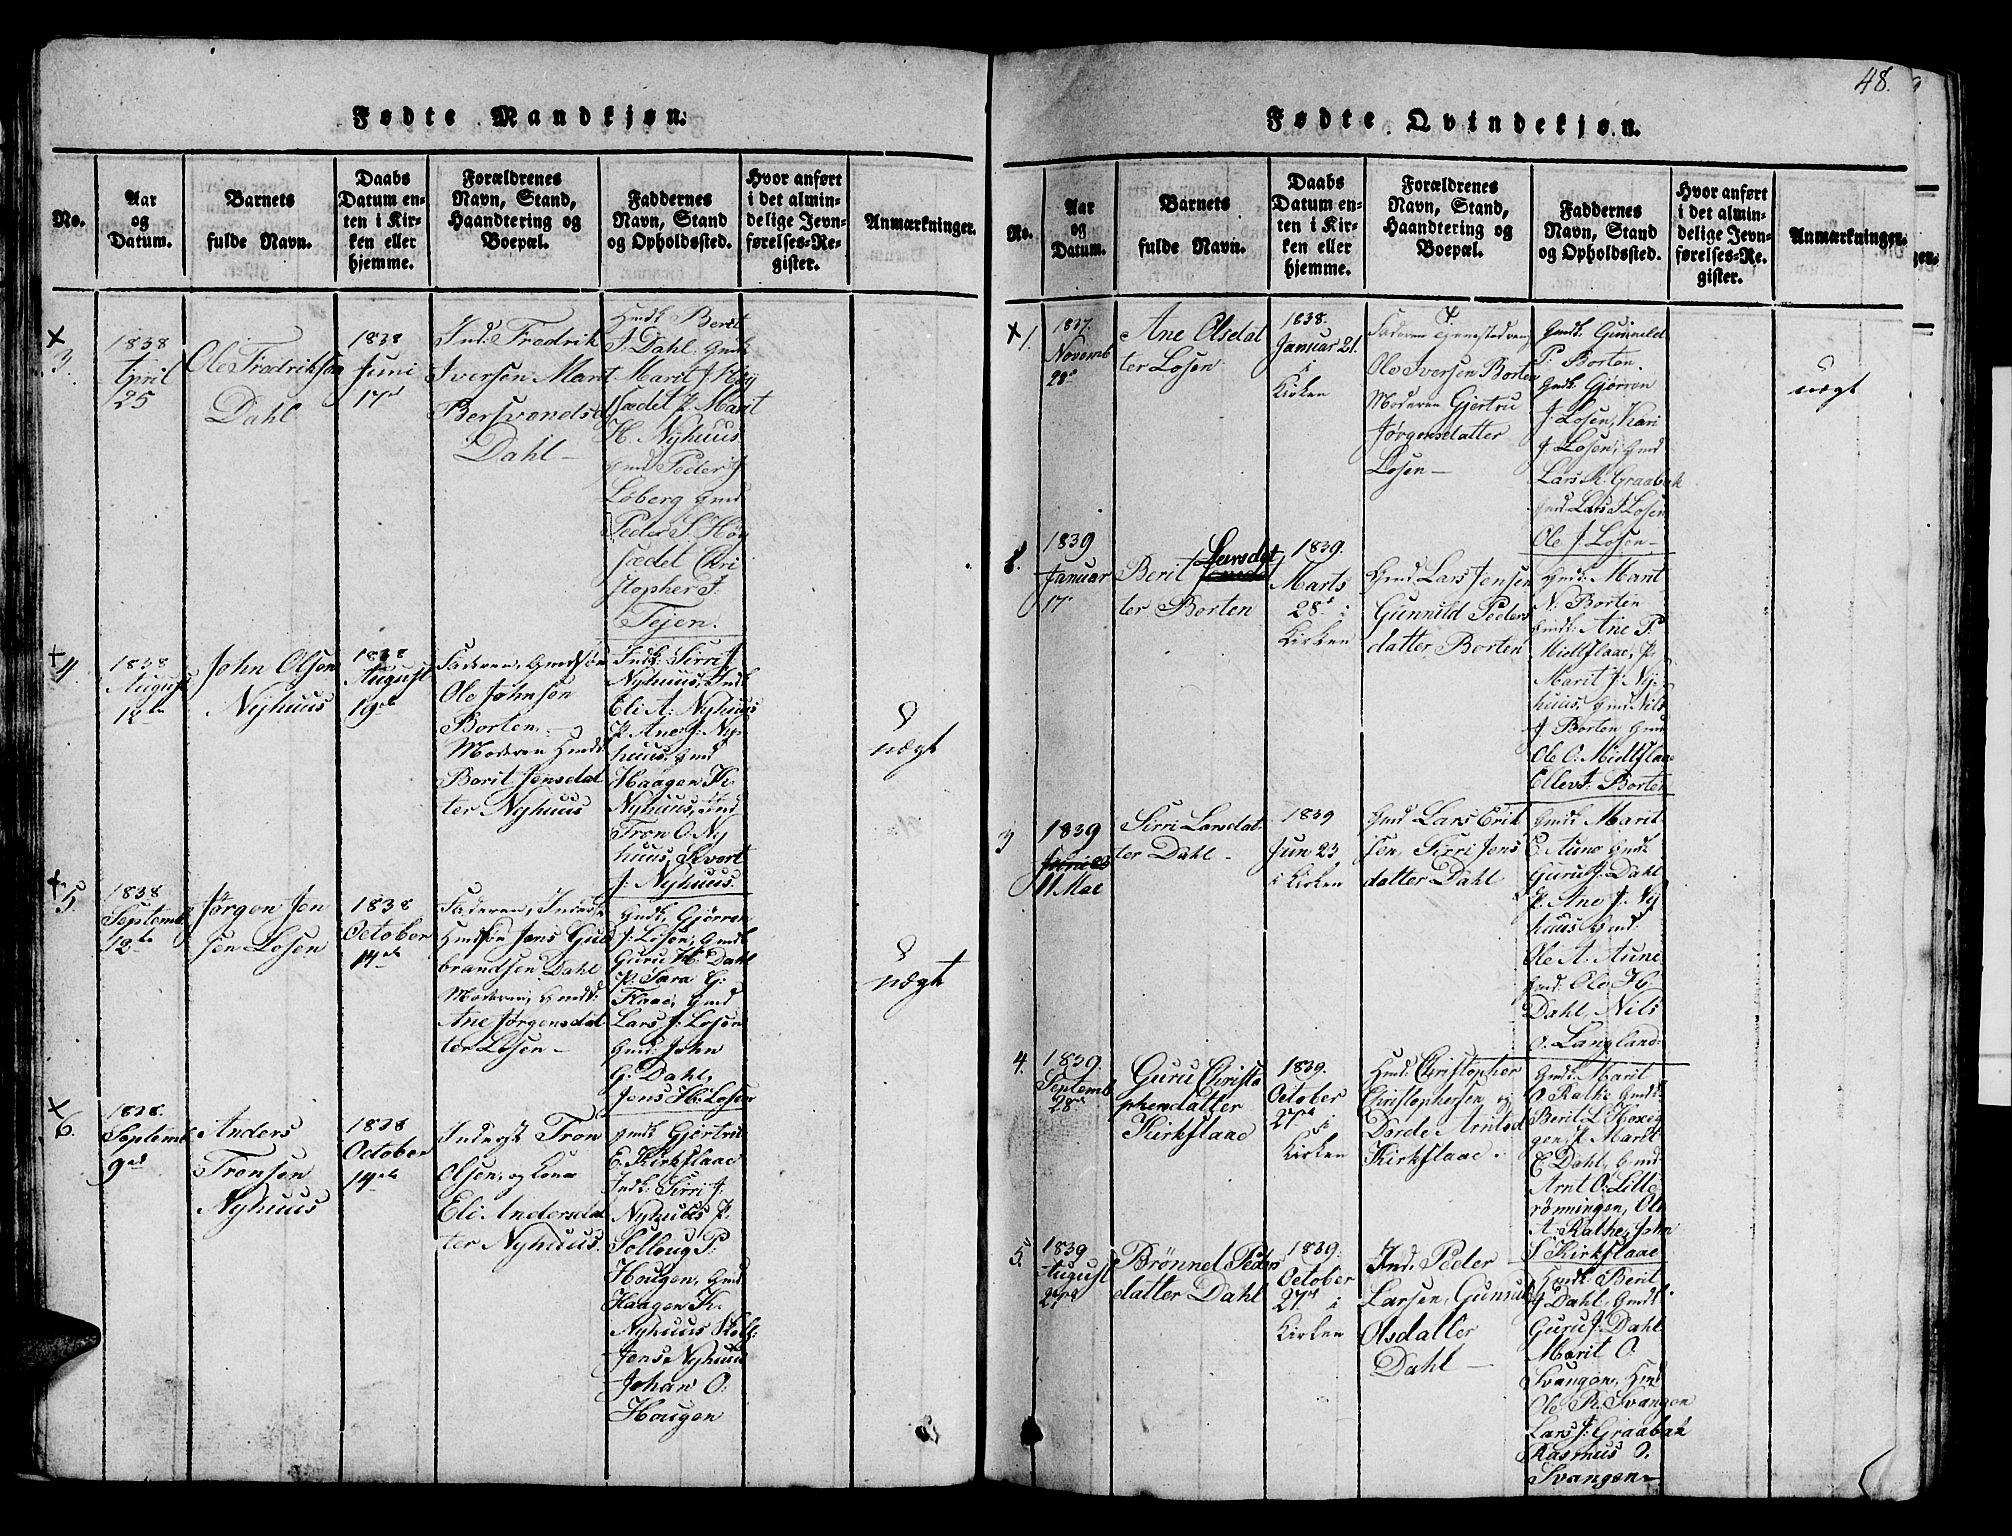 SAT, Ministerialprotokoller, klokkerbøker og fødselsregistre - Sør-Trøndelag, 693/L1121: Klokkerbok nr. 693C02, 1816-1869, s. 48